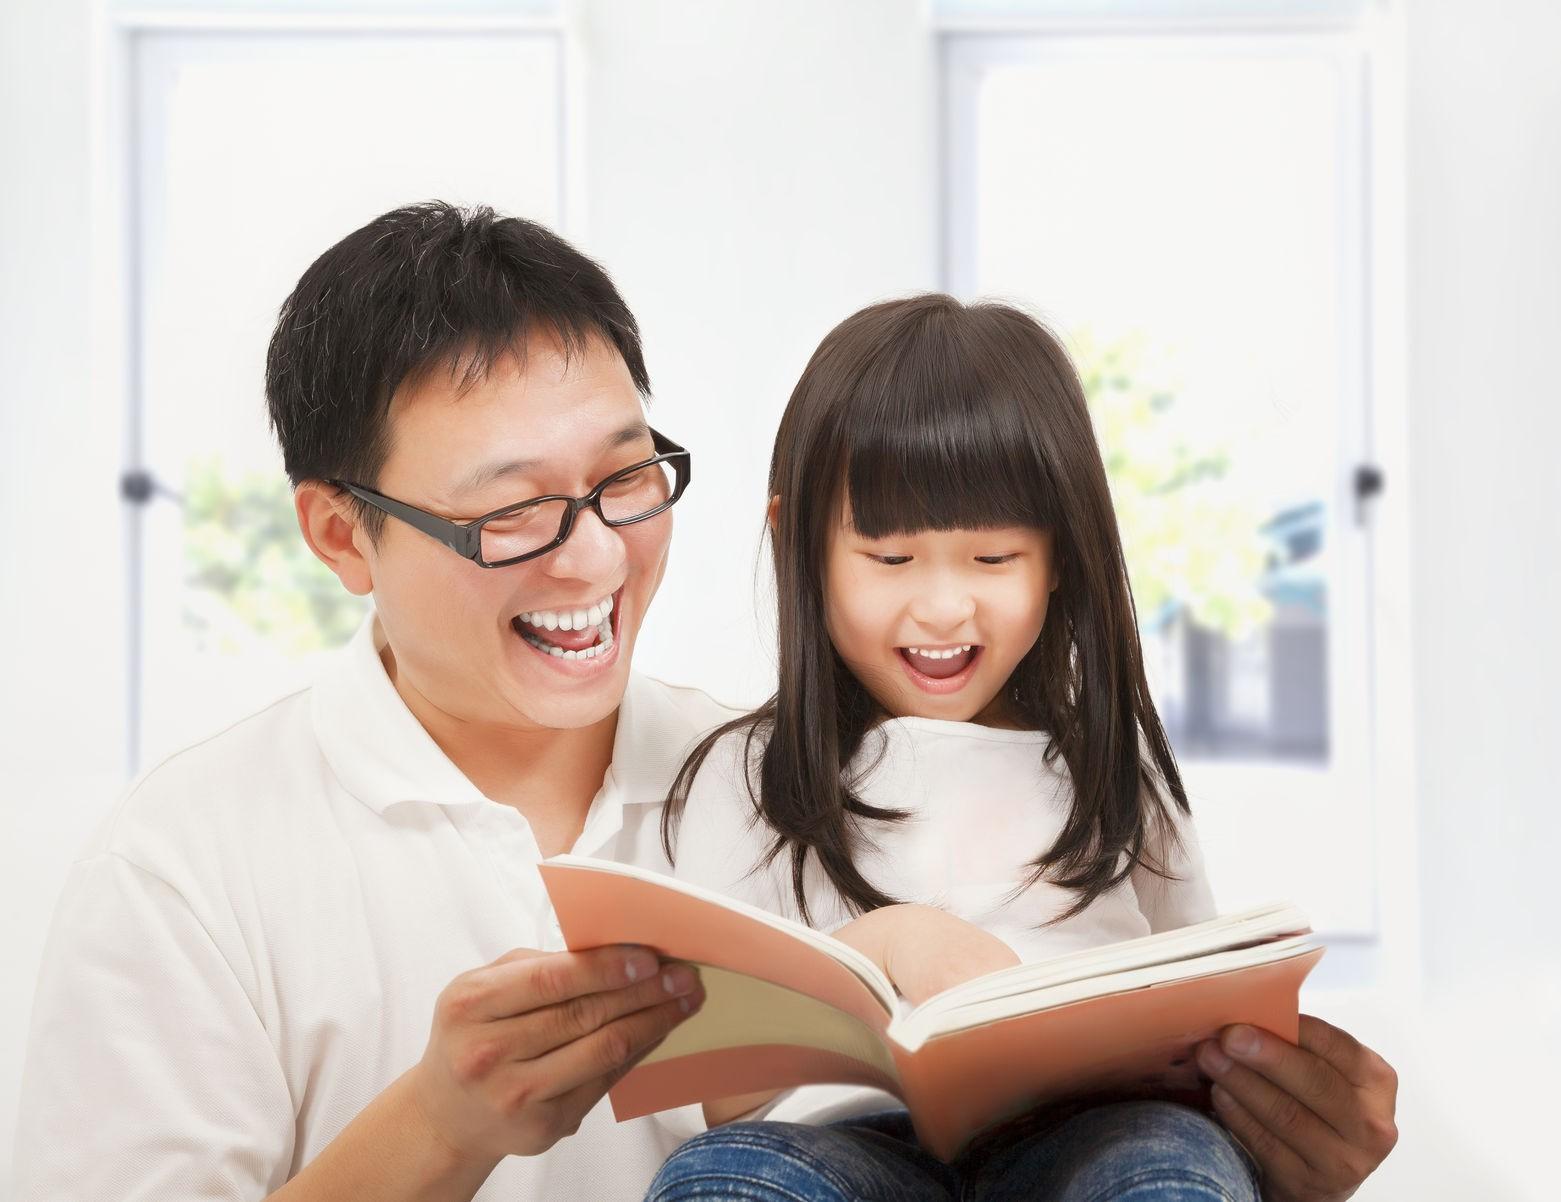 Nghiên cứu lại vừa chỉ ra thêm lý do cha mẹ rất nên đọc sách cùng con từ sớm - Ảnh 3.